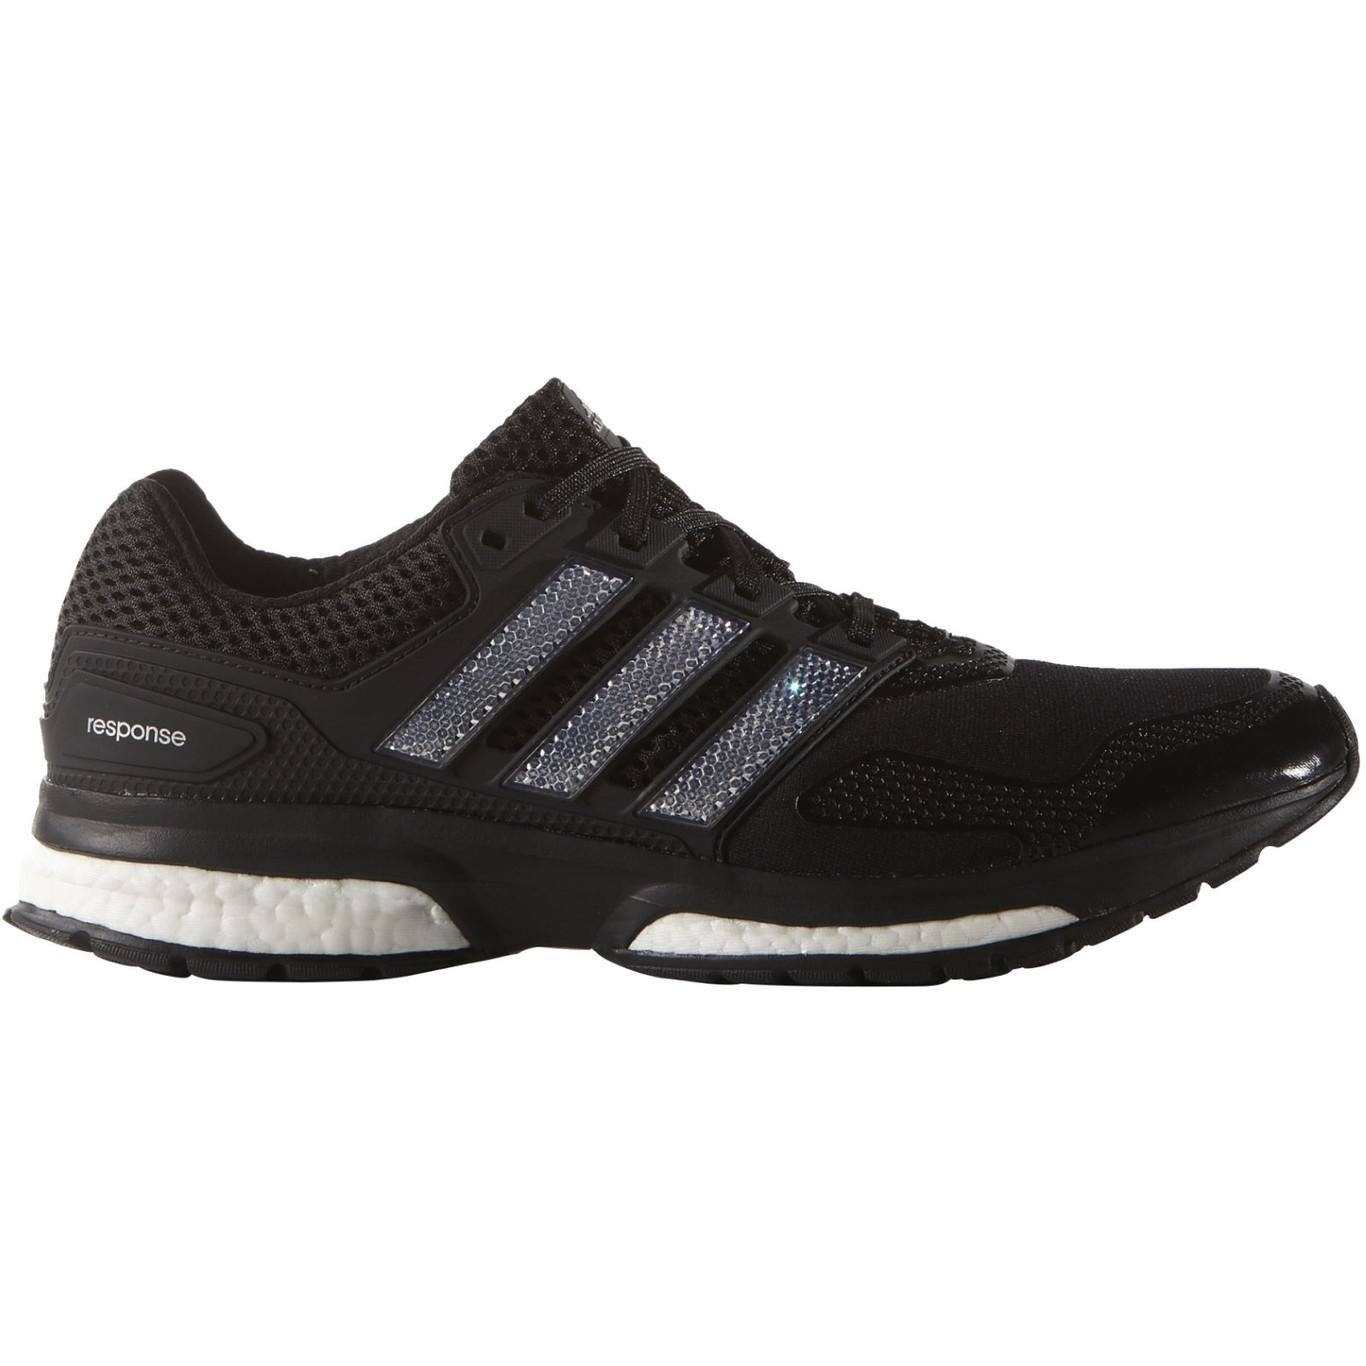 Zapatilla Adidas Response 2